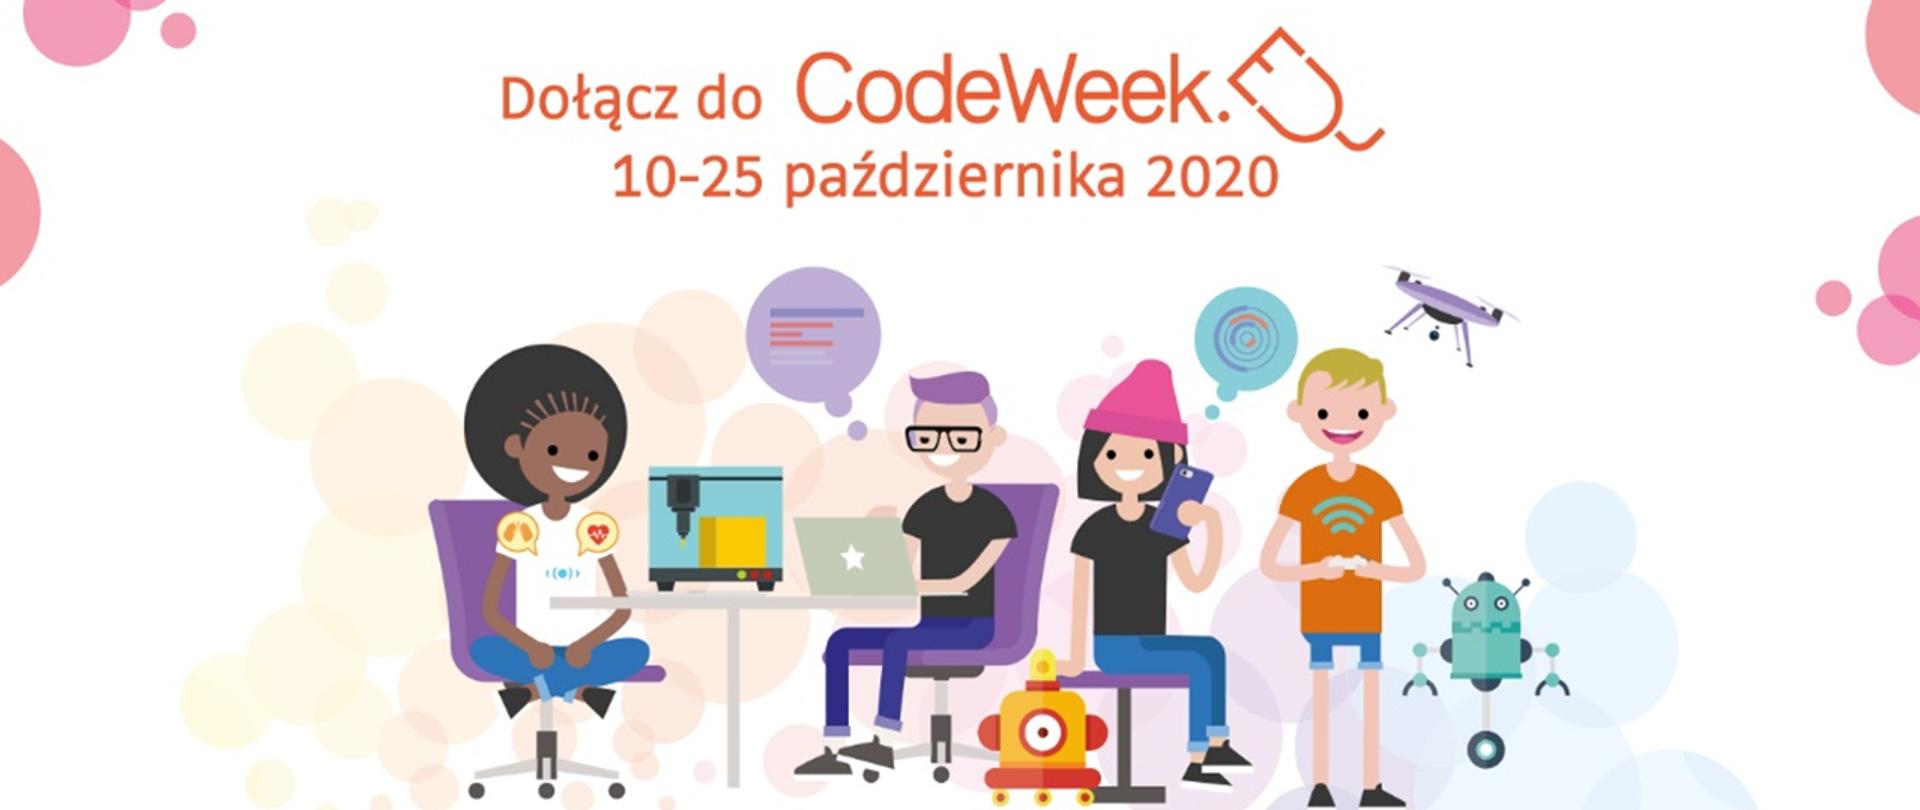 Europejski Tydzień Kodowania 2020